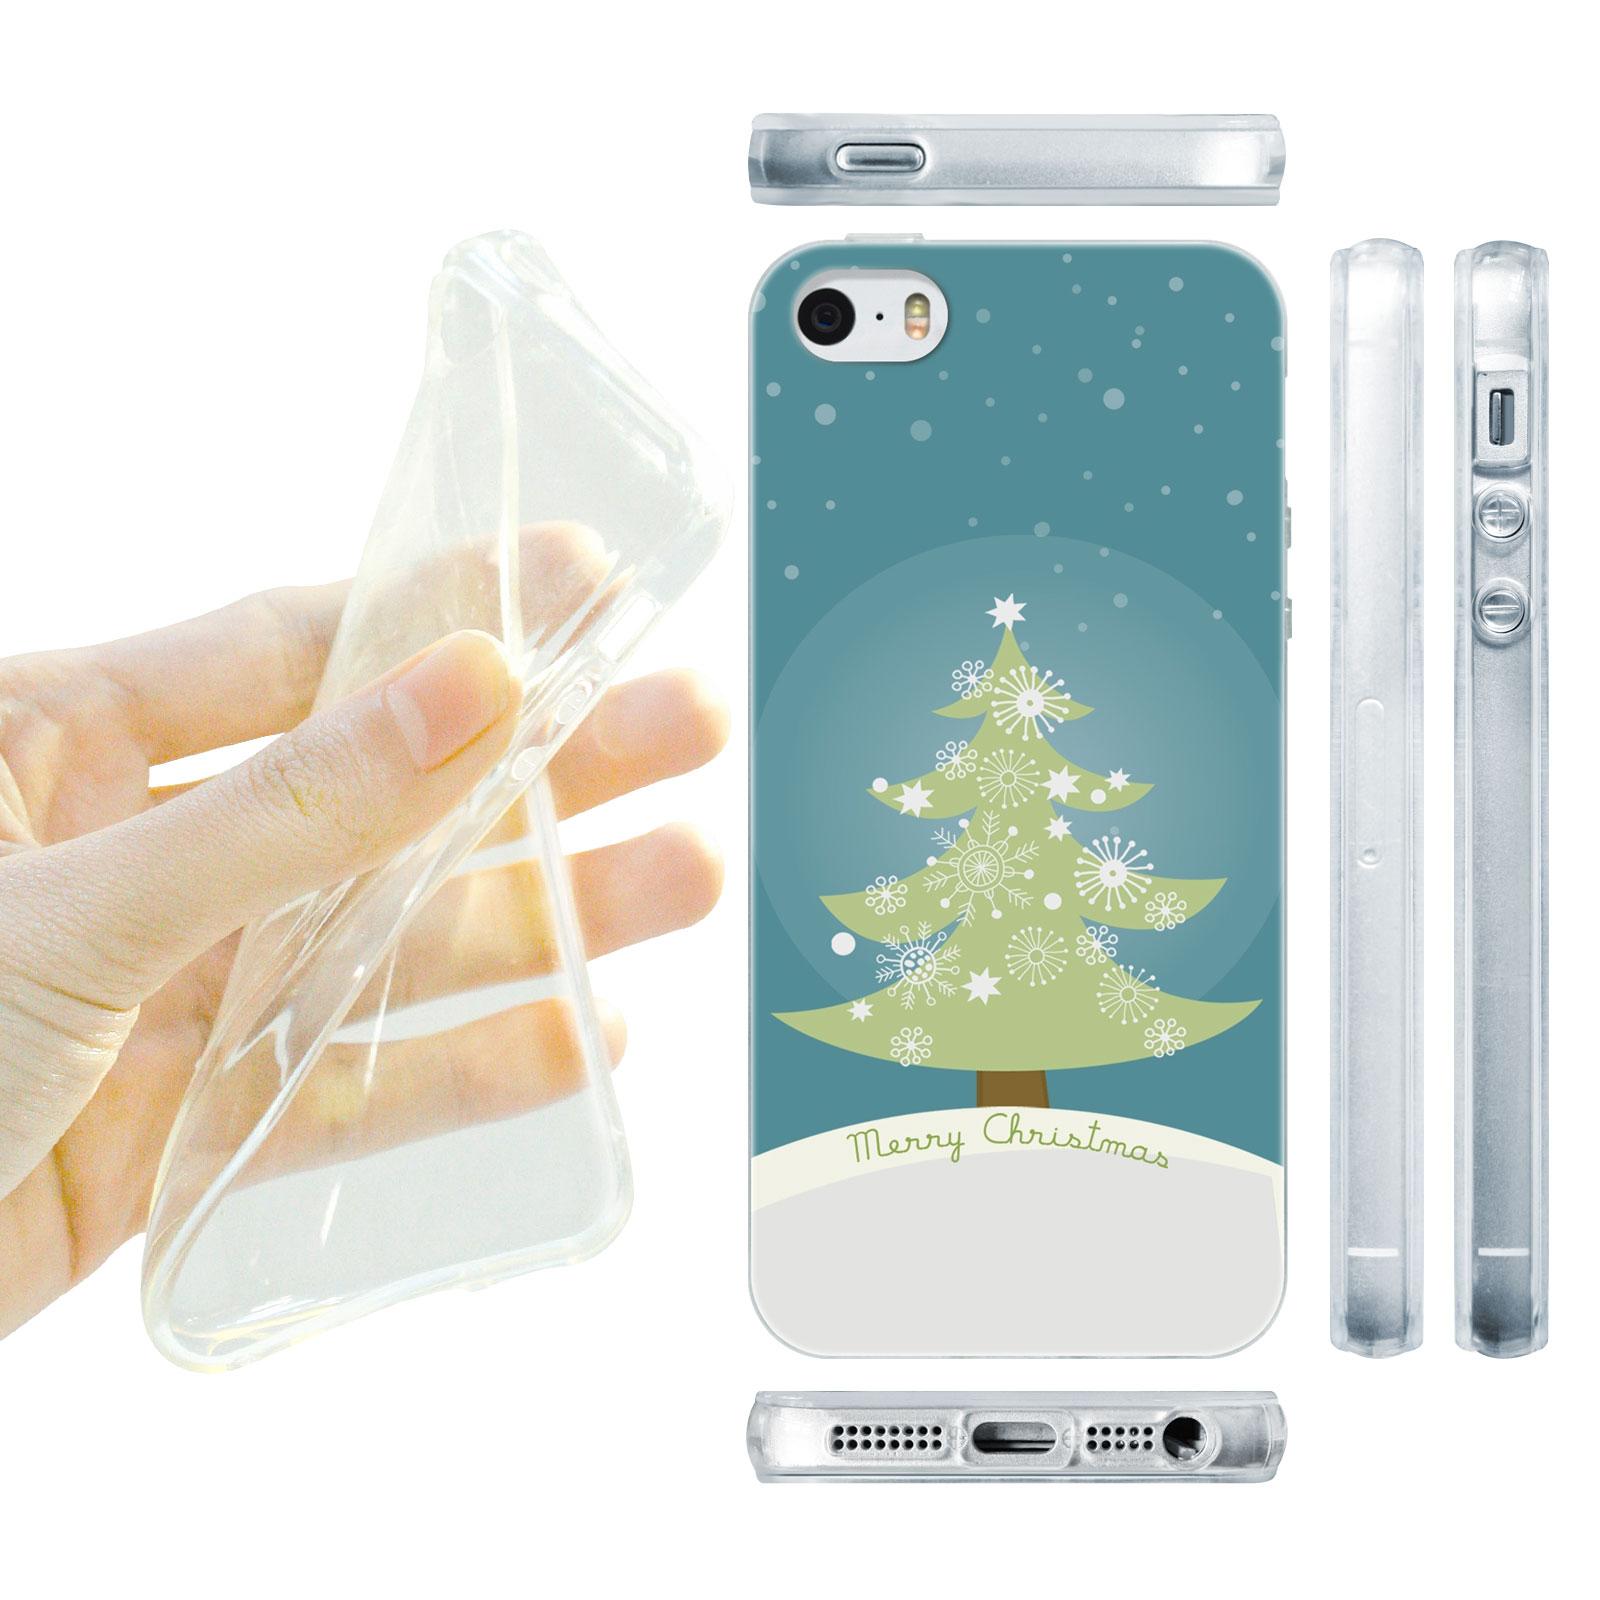 HEAD CASE silikonový obal na mobil Iphone 5/5S Vzor vánoce stromeček modrá barva